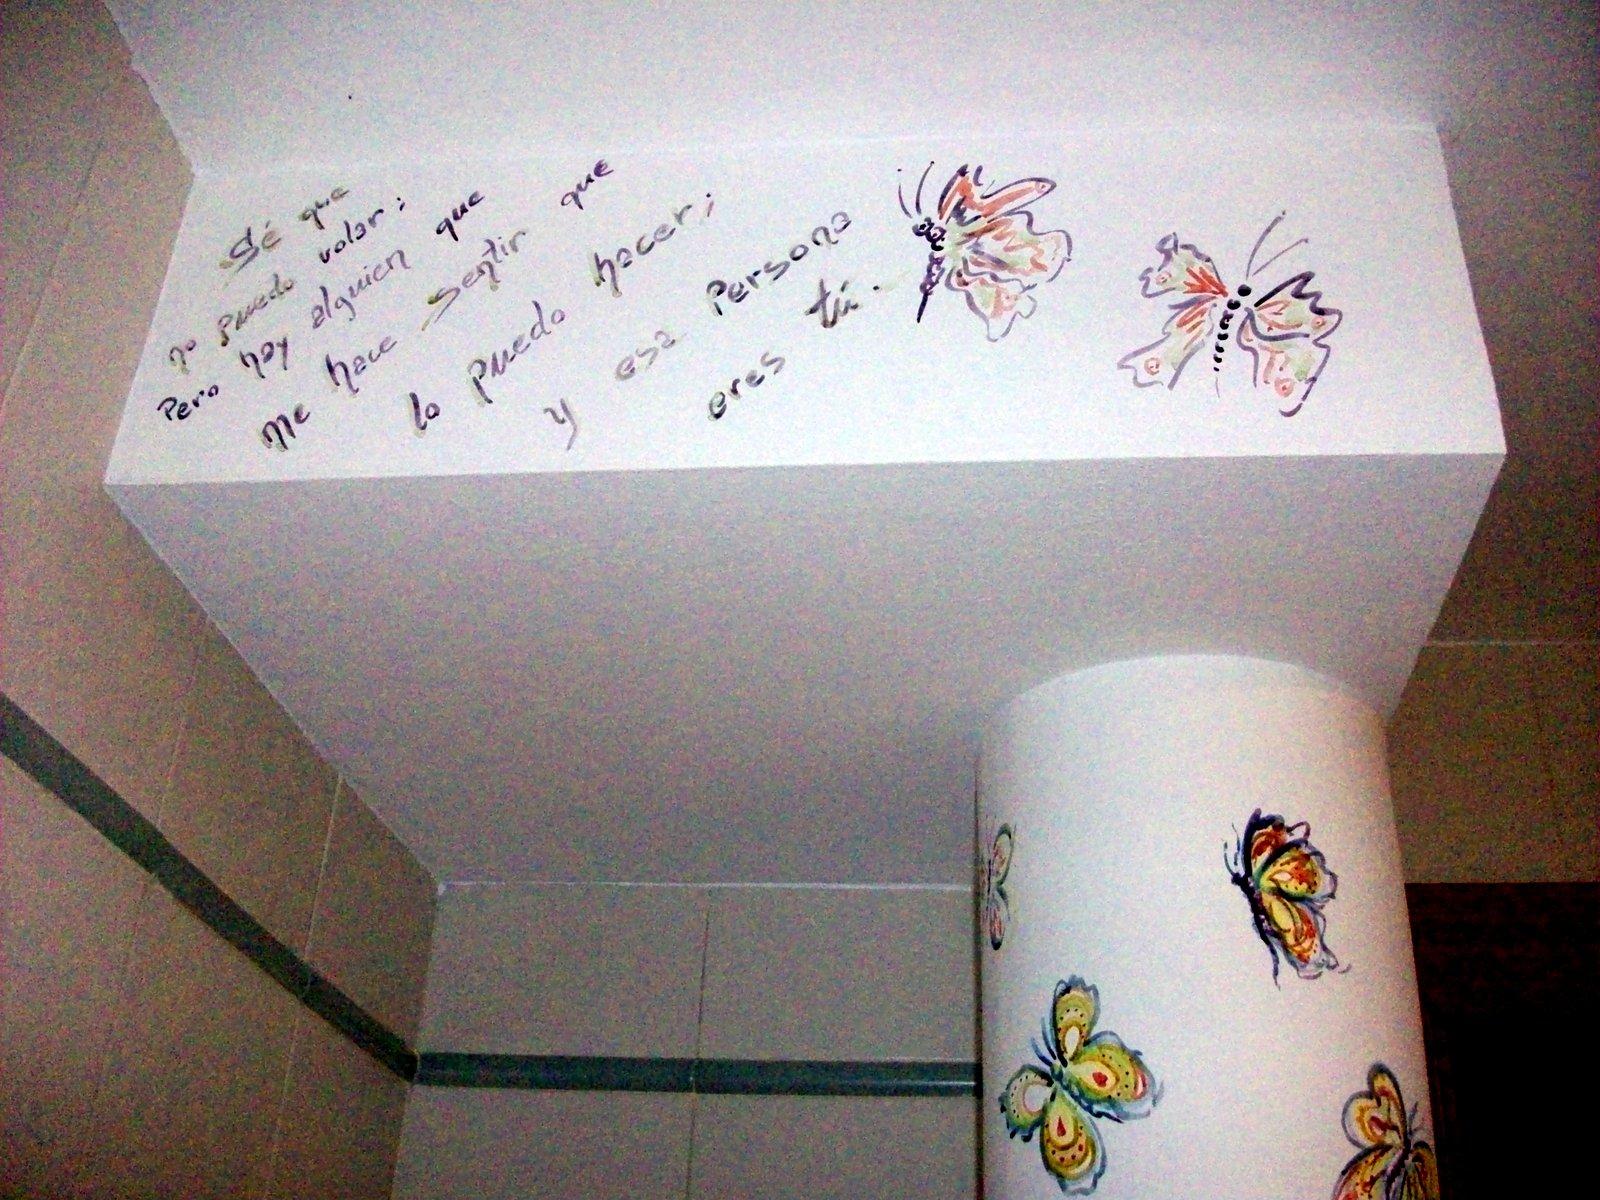 El pa s de babia pintando una pared de mariposas - Mariposas para pared ...